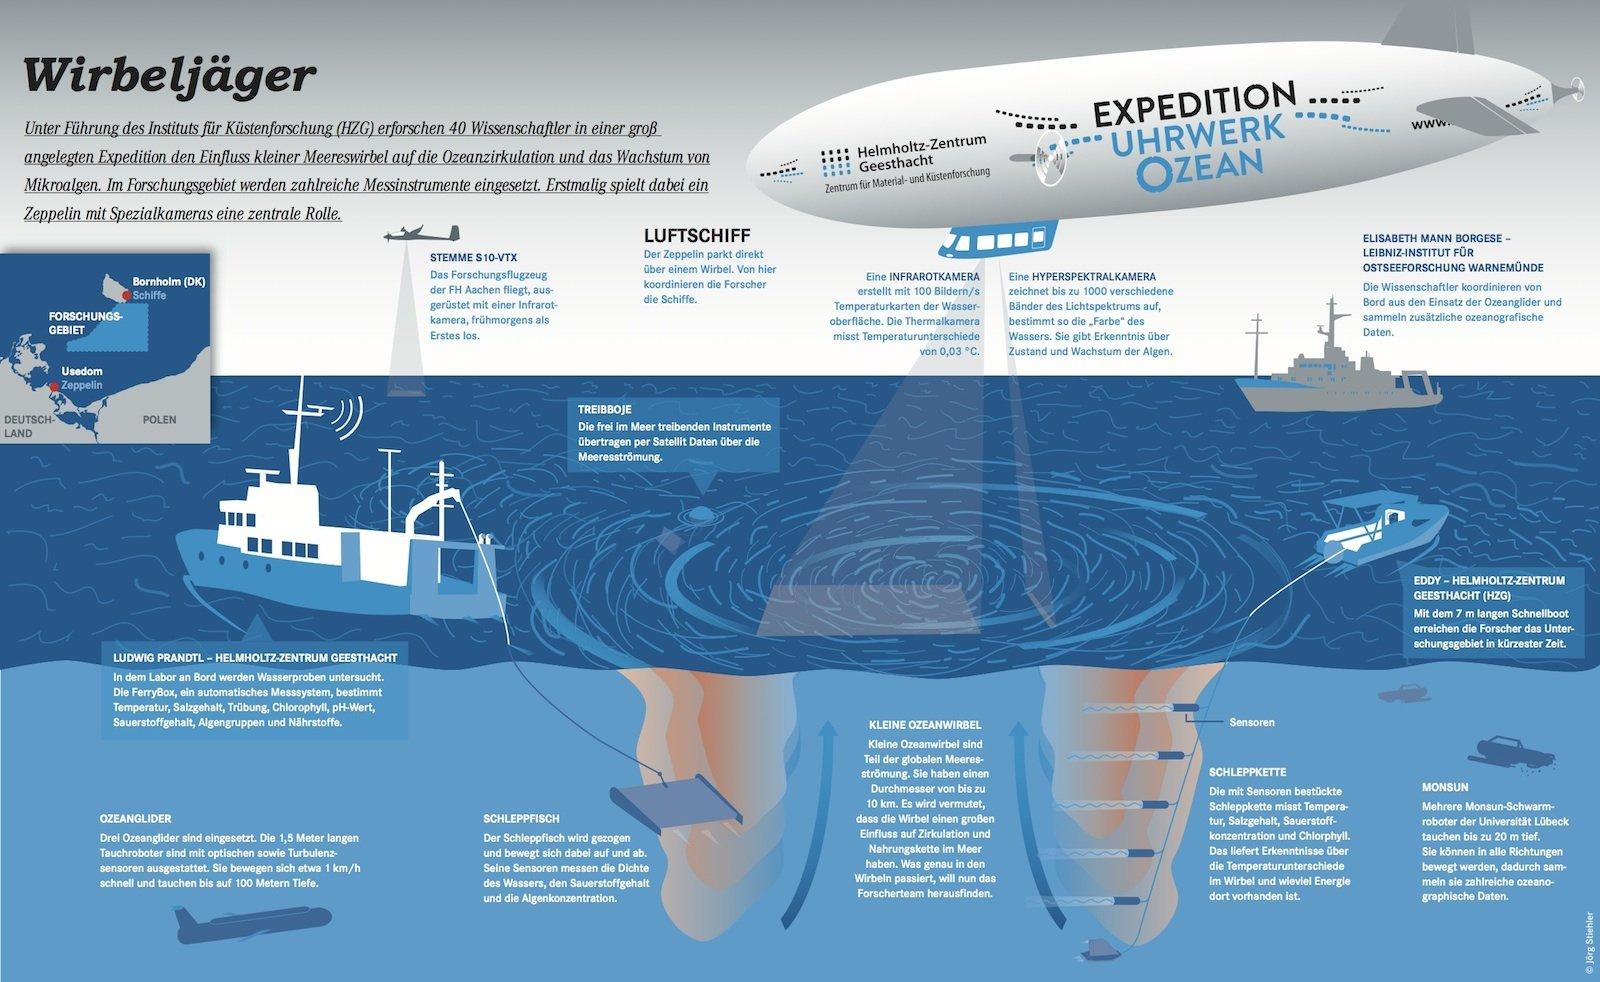 Uhrwerk Ozean: In der groß angelegten Expedition wird u. a. der Einfluss von Meereswirbeln auf die Ozeanzirkulation erforscht. Dabei kommt weltweit erstmalig ein Zeppelin zum Einsatz. Welche Aufgabe er bei der Erforschung hat, erklärt diese Grafik.